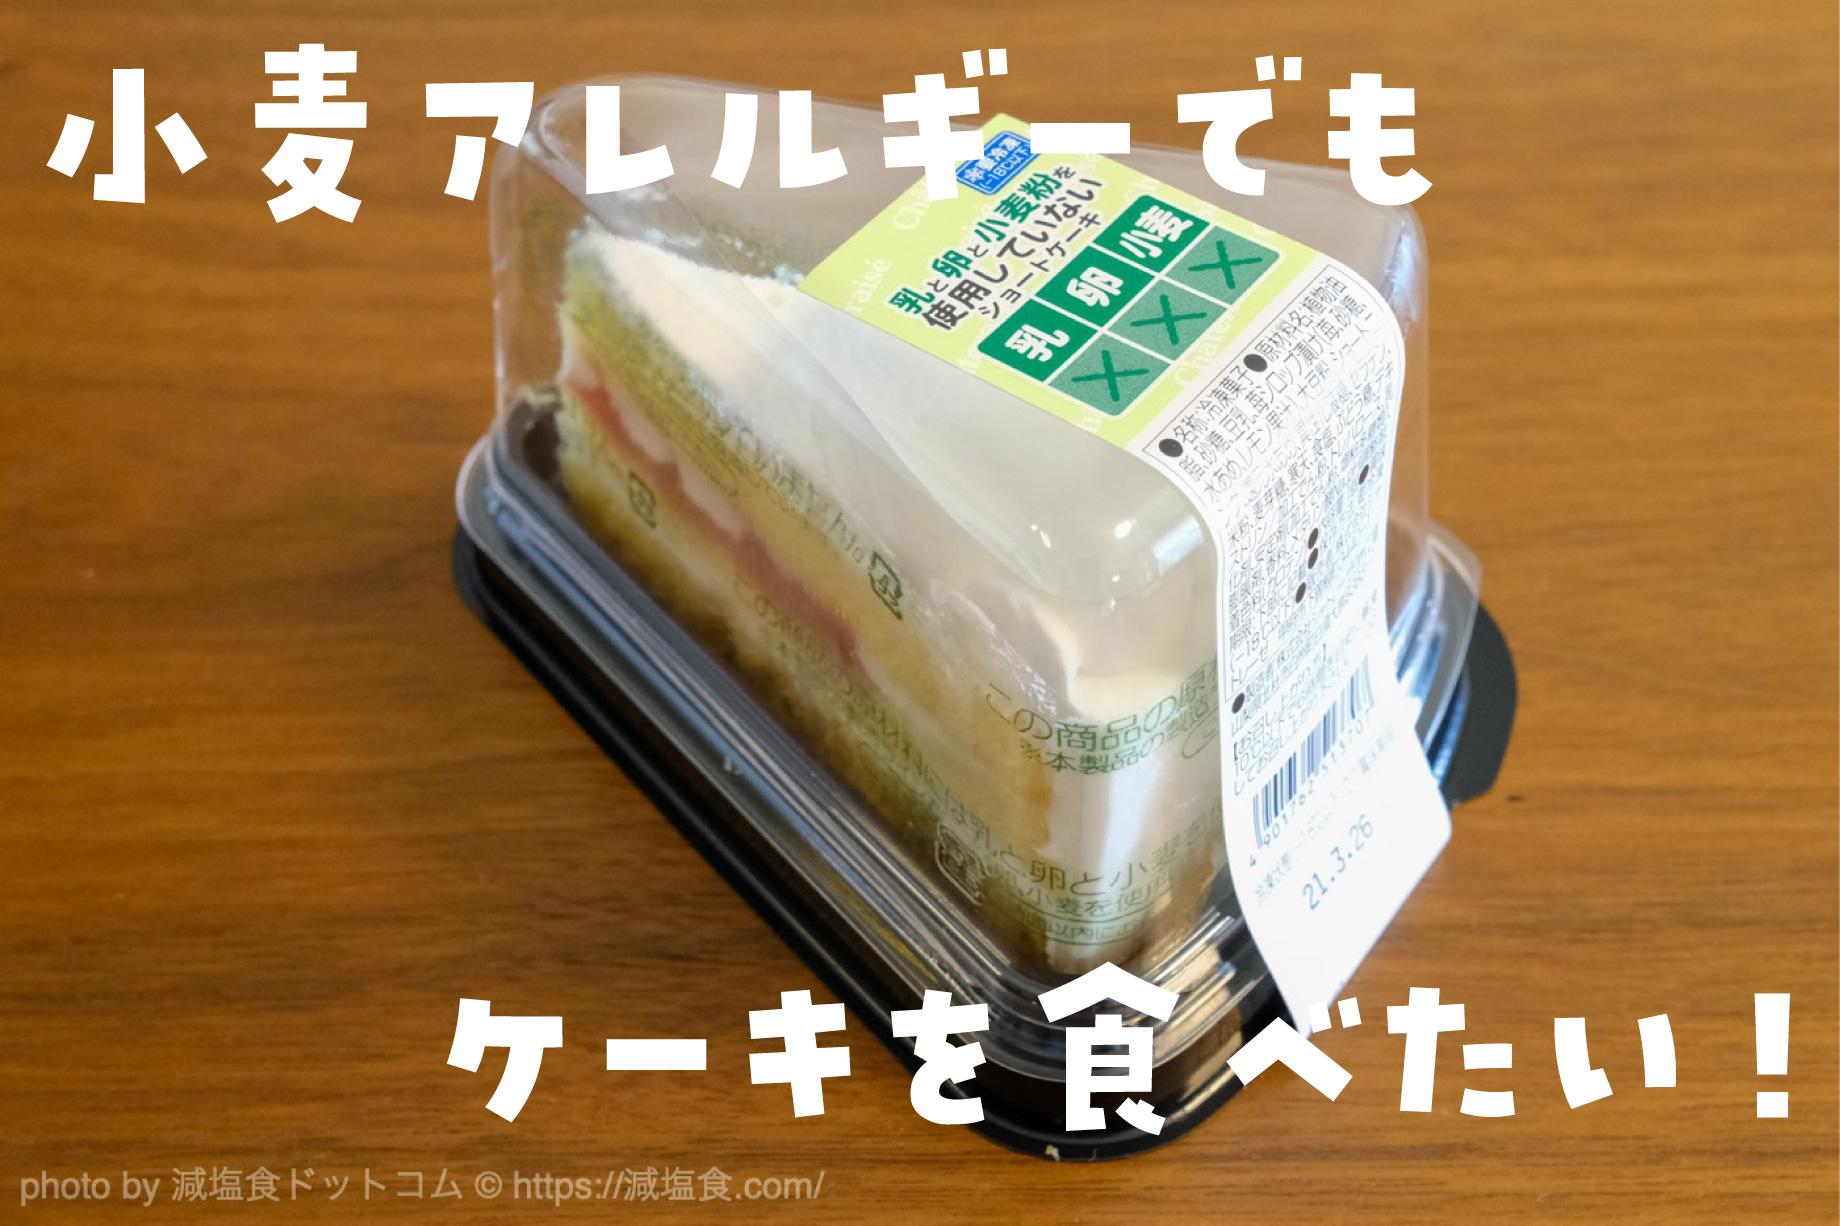 シャトレーゼ 小麦アレルギー ケーキ